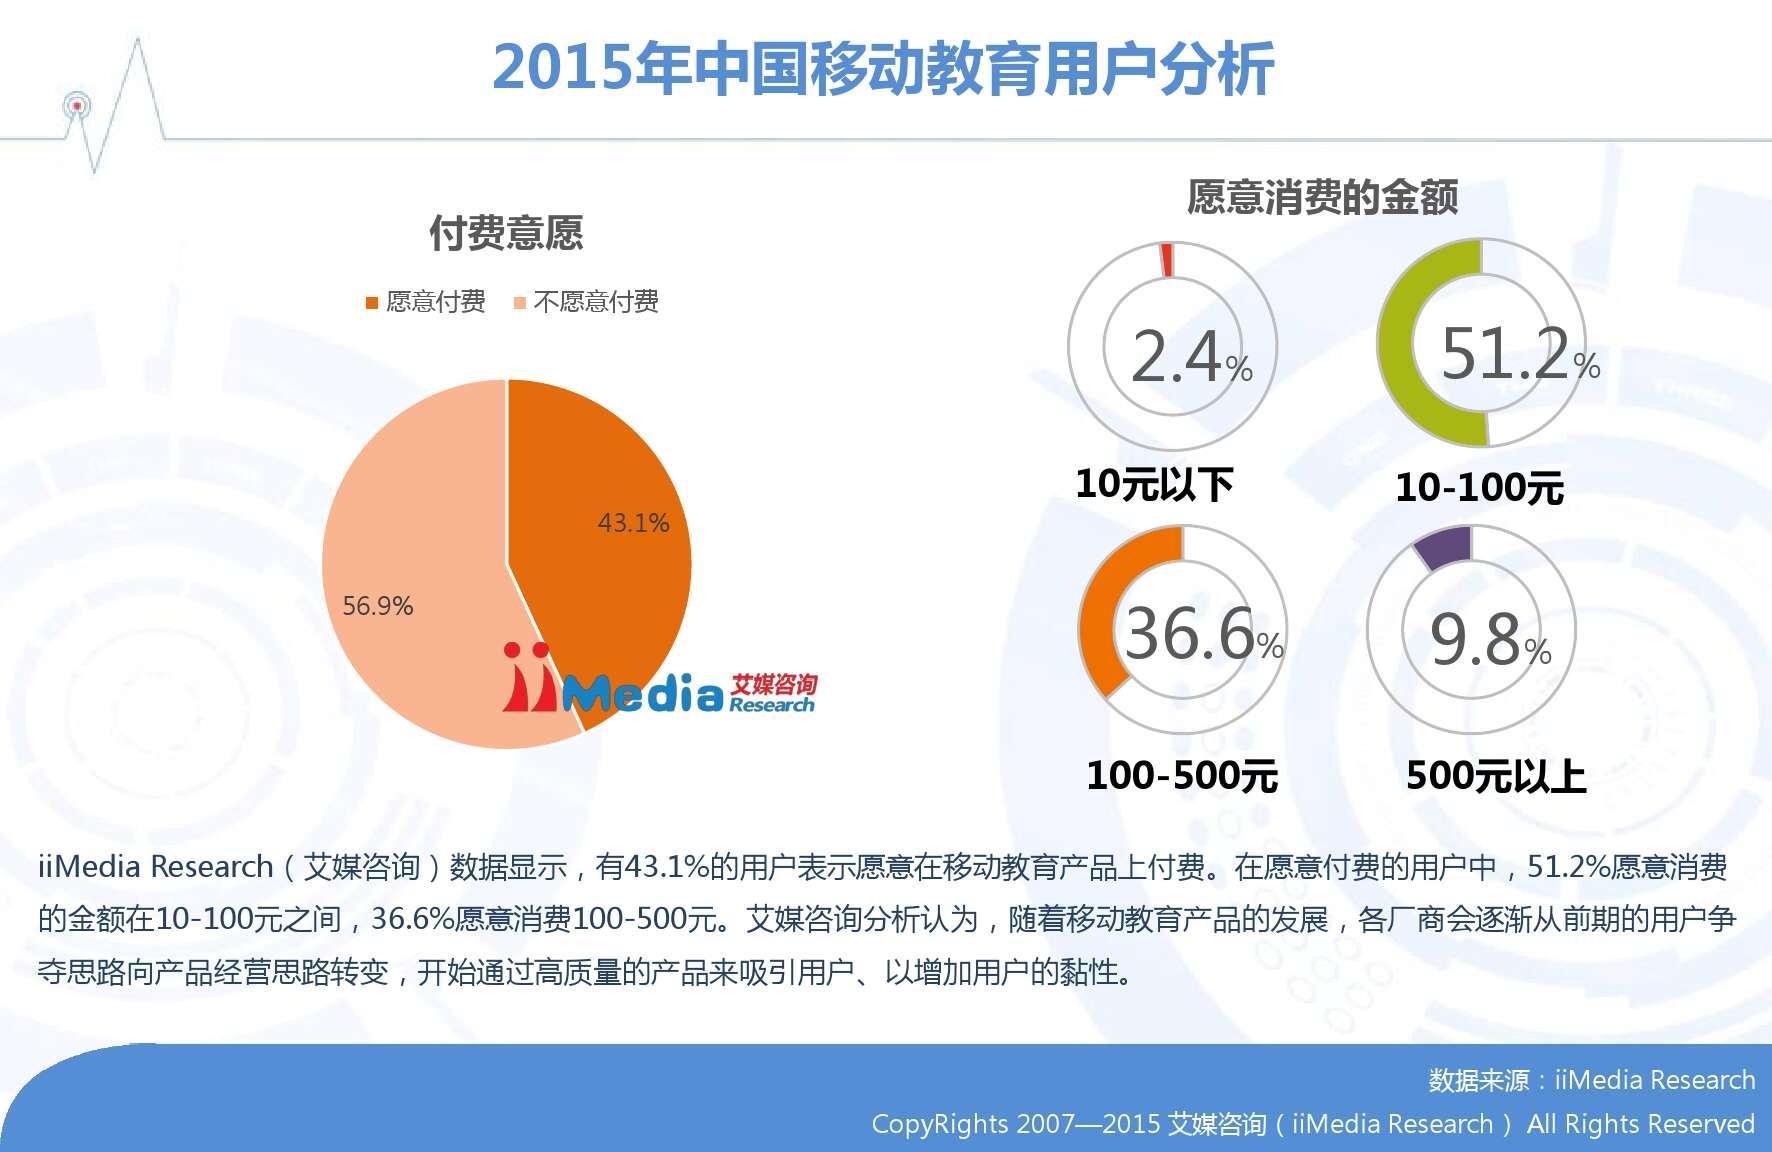 2015-2016年中国移动教育市场研究报告_000023